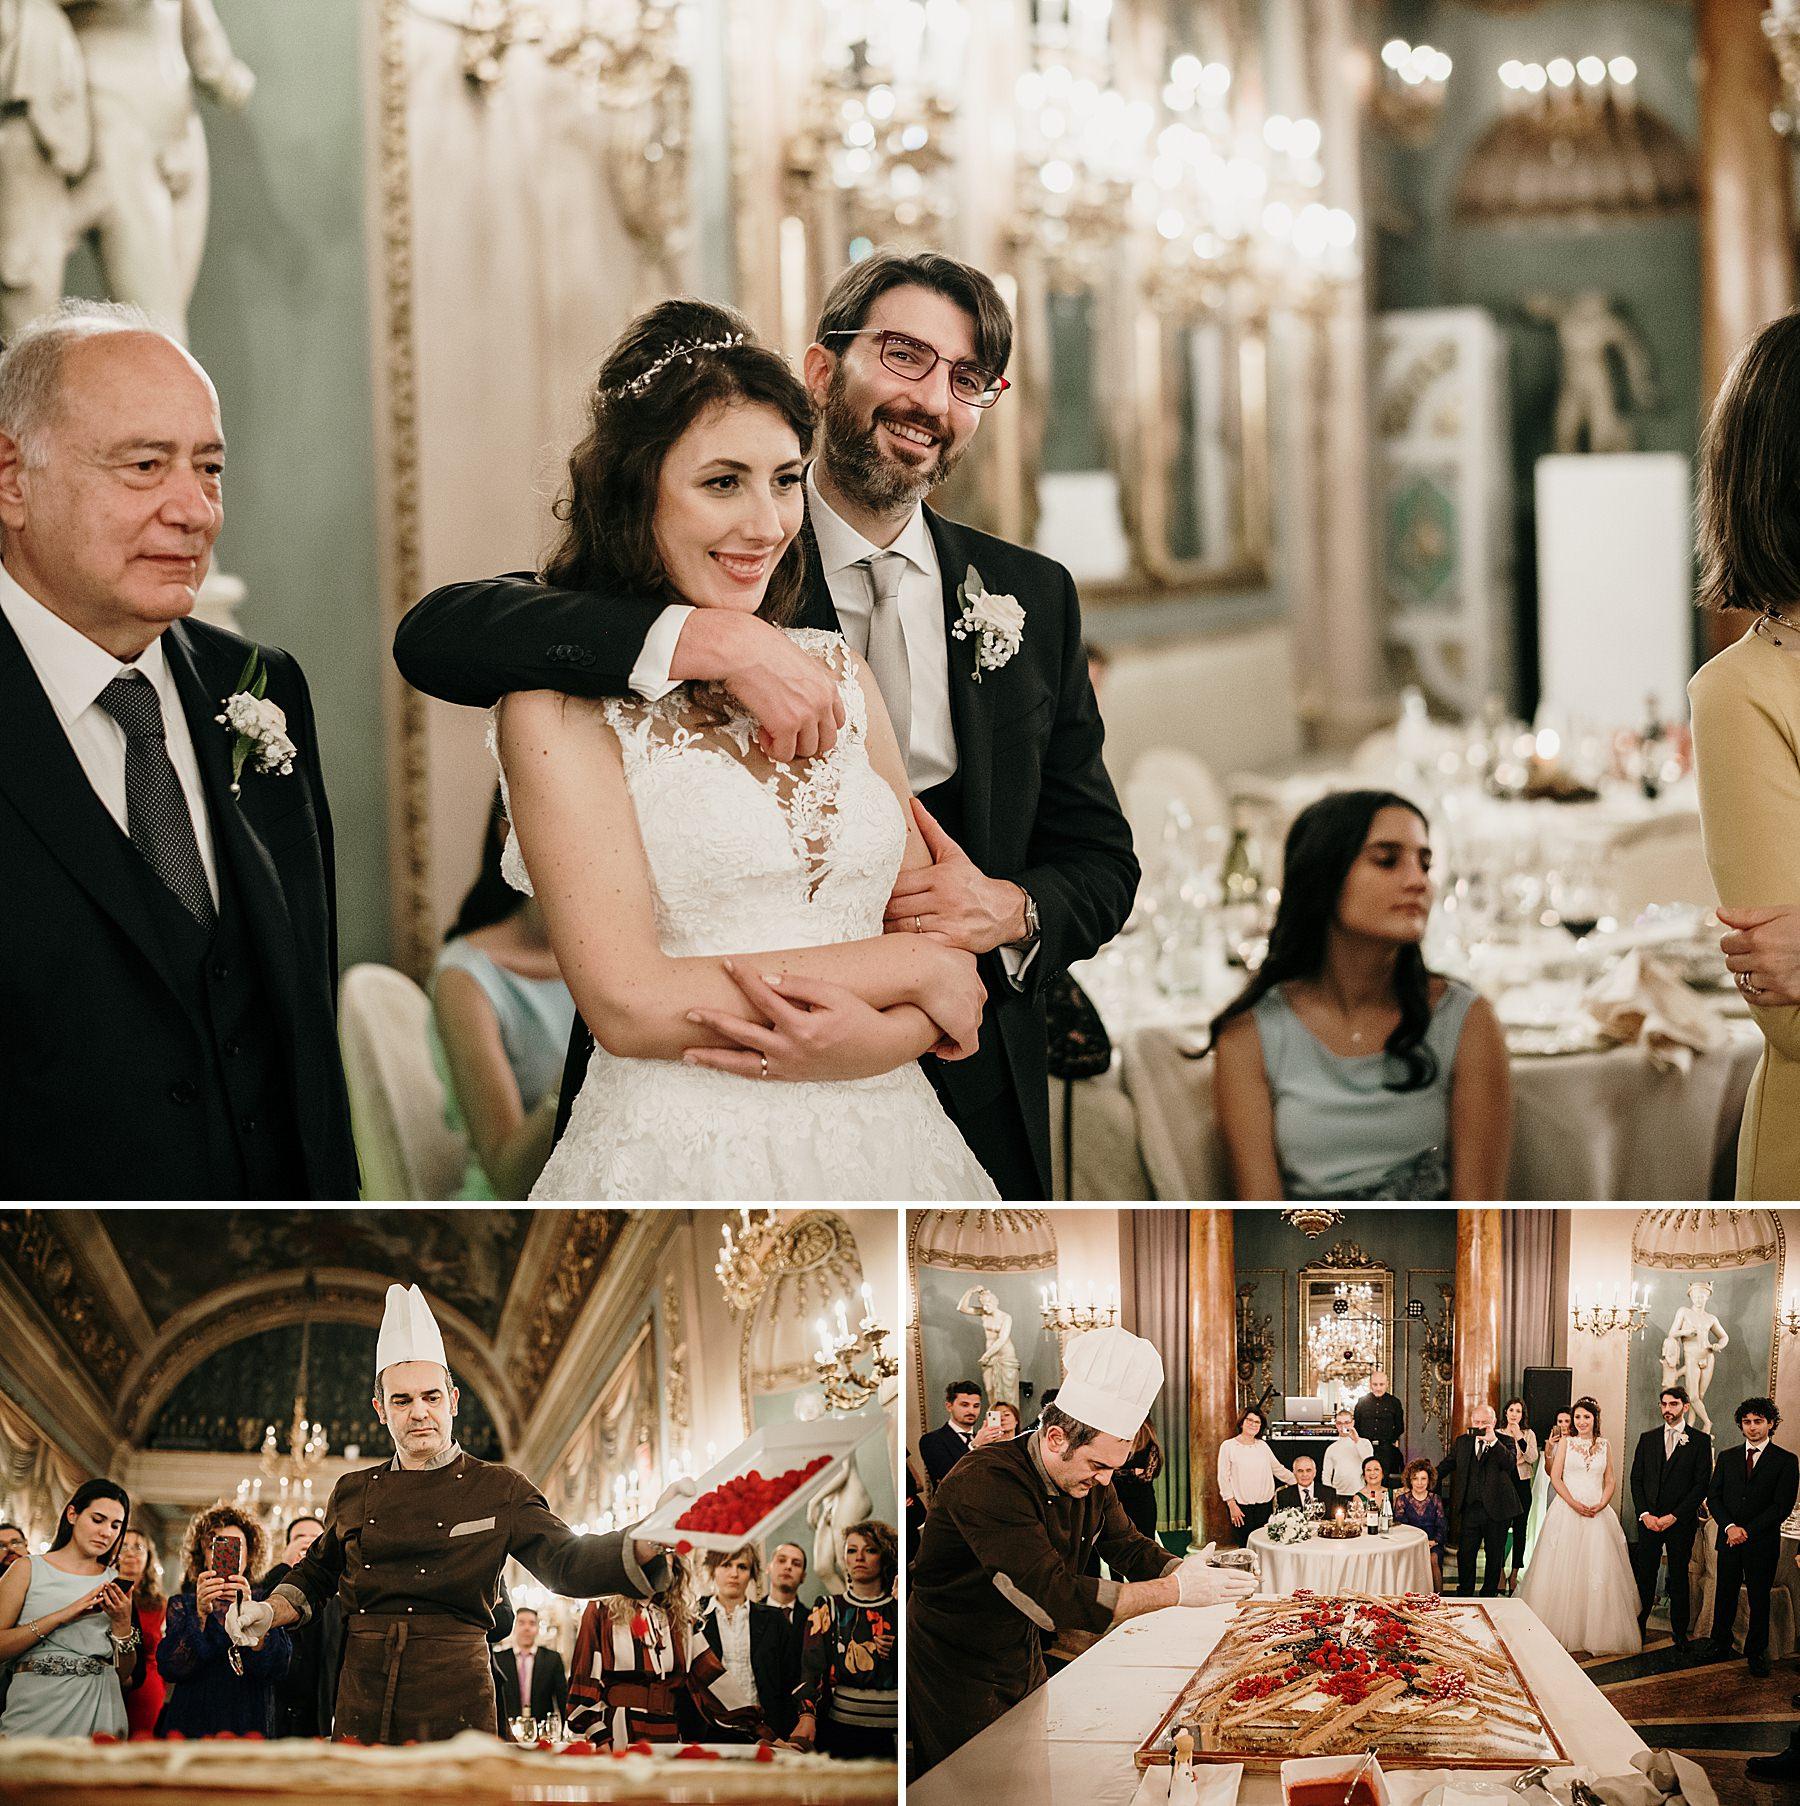 fotografia di matrimonio a firenze in inverno 769